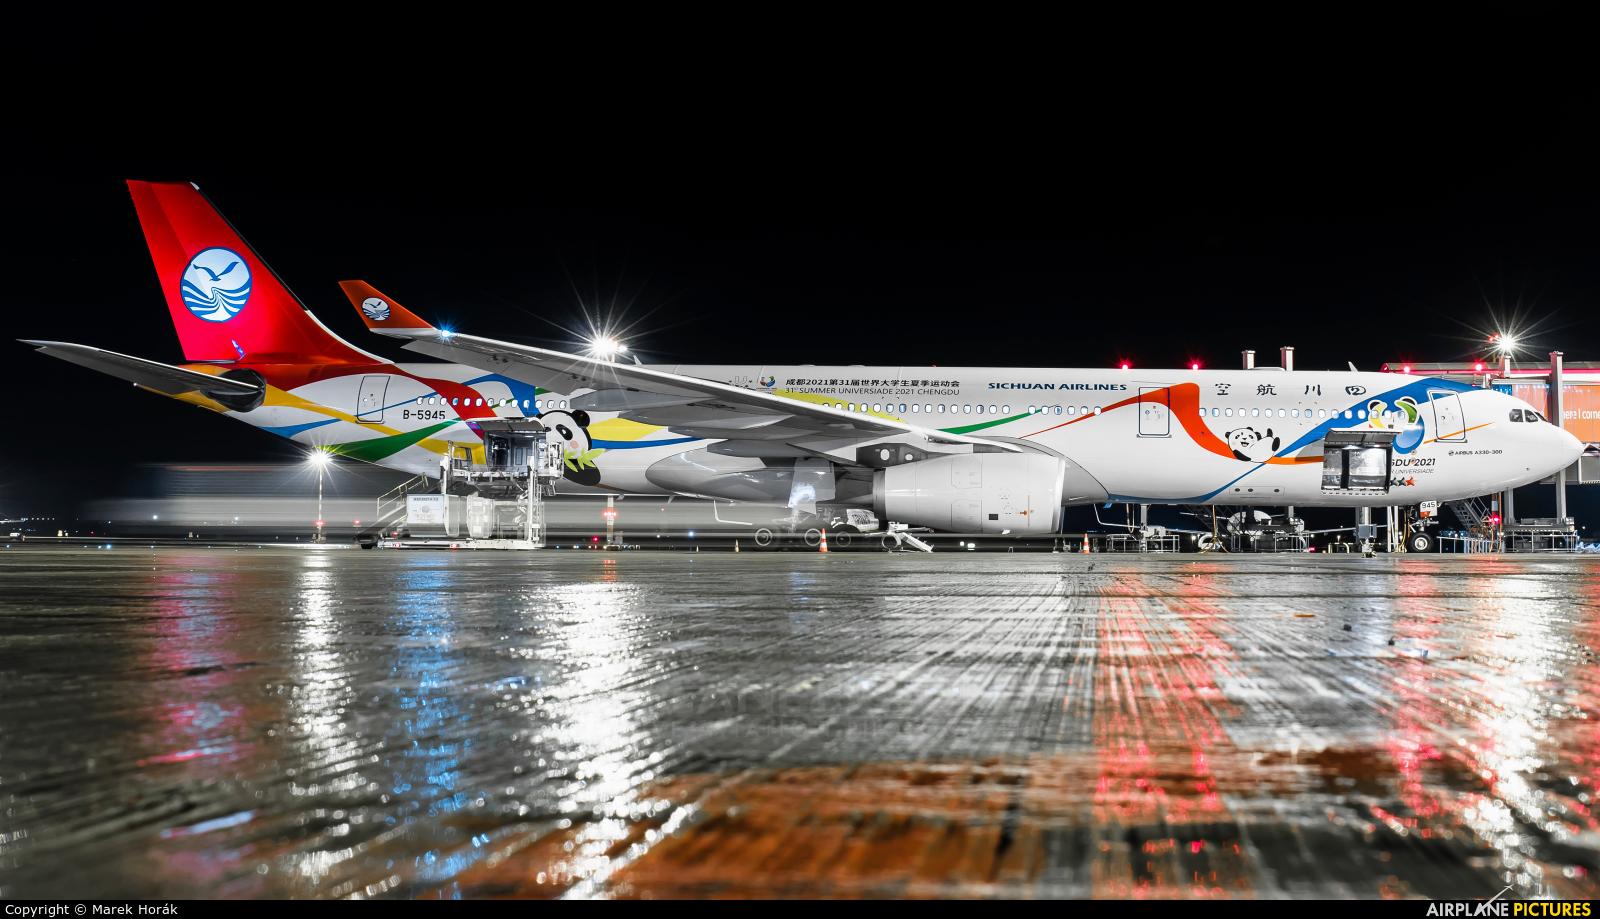 Sichuan Airlines  B-5945 aircraft at Prague - Václav Havel